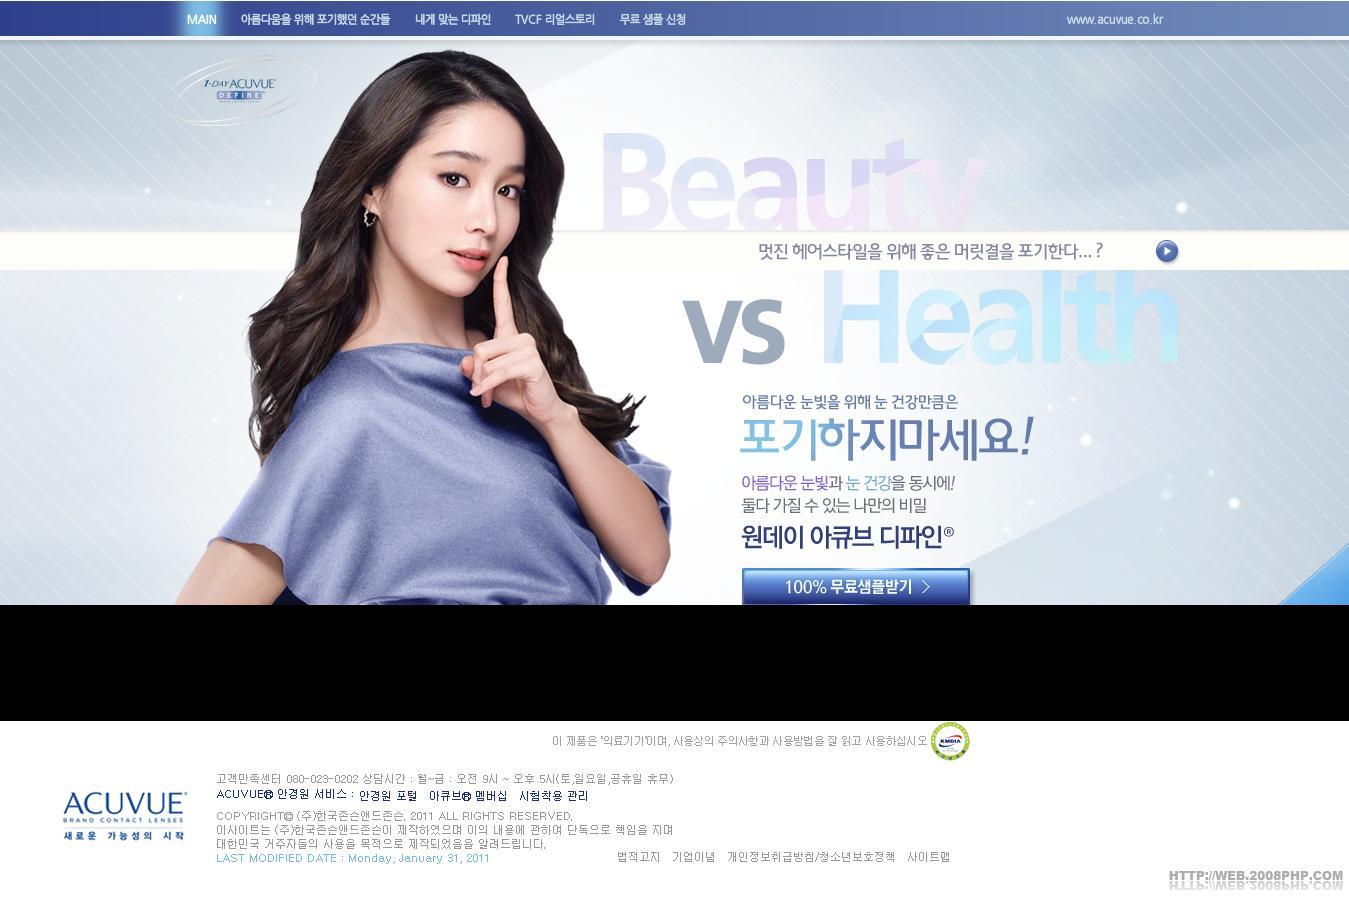 强生acuvue dipain女性护肤品美容产品网站酷站截图欣赏-编号:9680